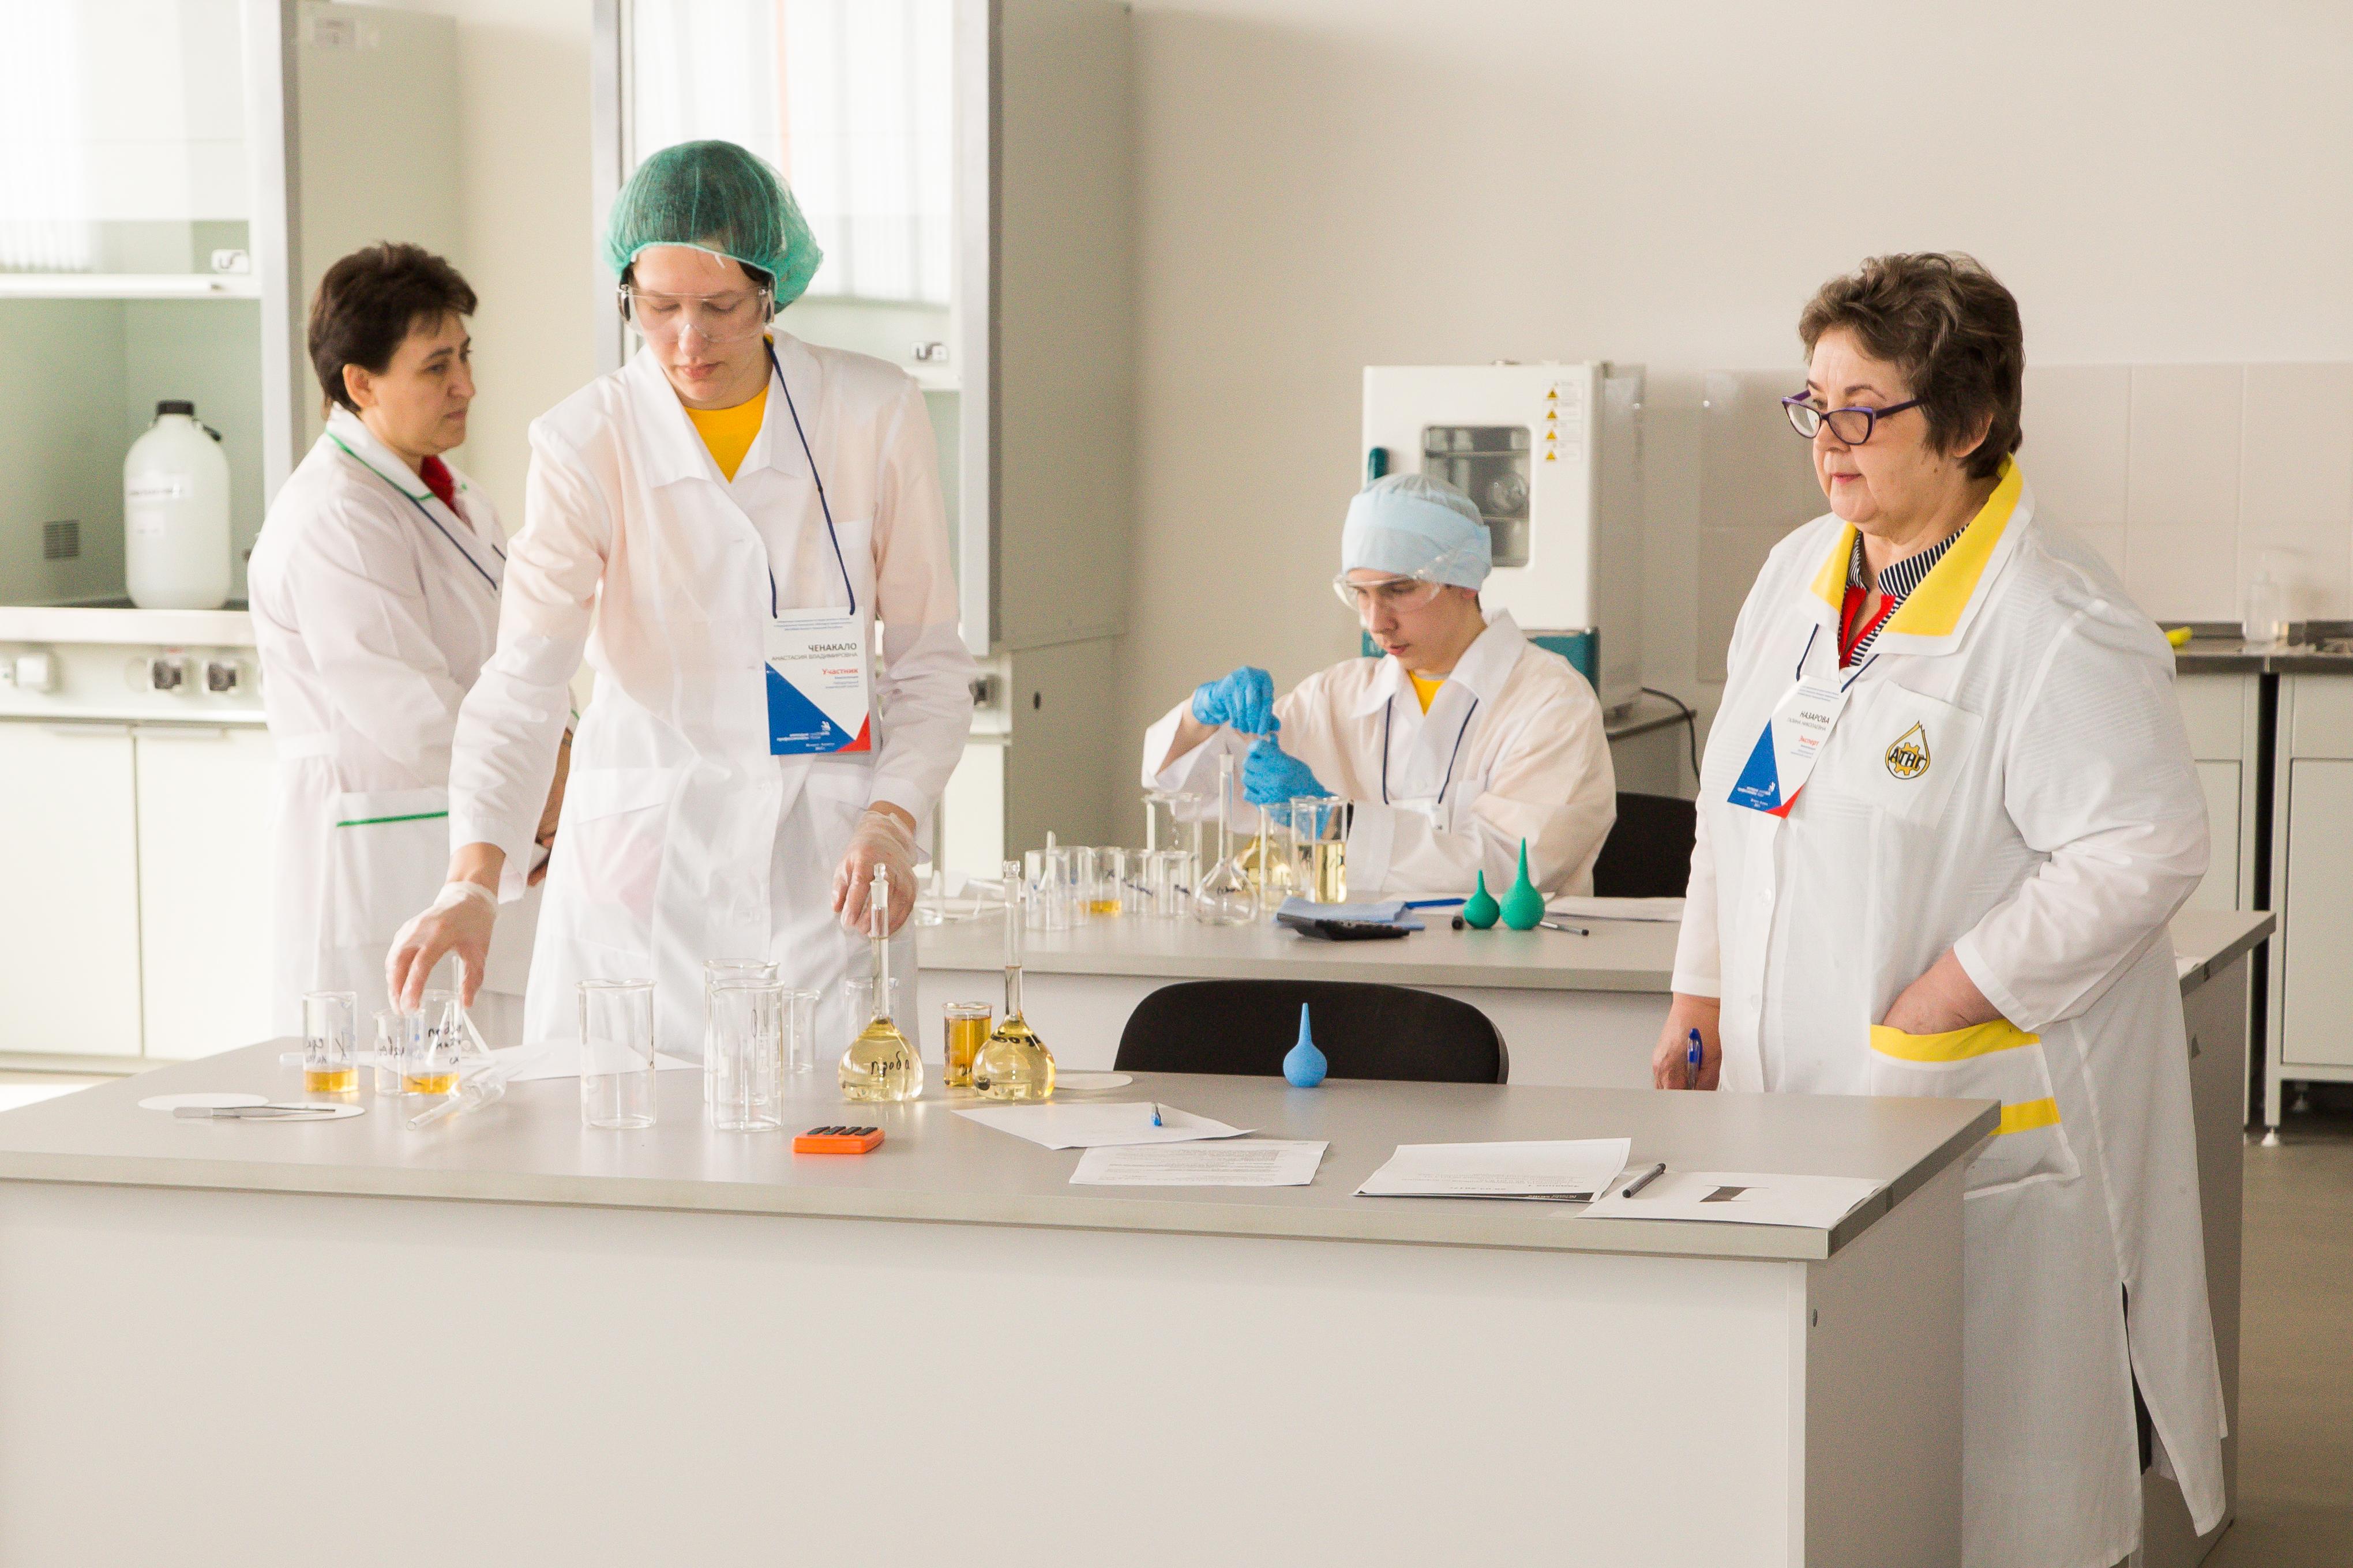 Завершились конкурсные испытания участников Отборочных соревнований  по компетенции «Лабораторный химический анализ»